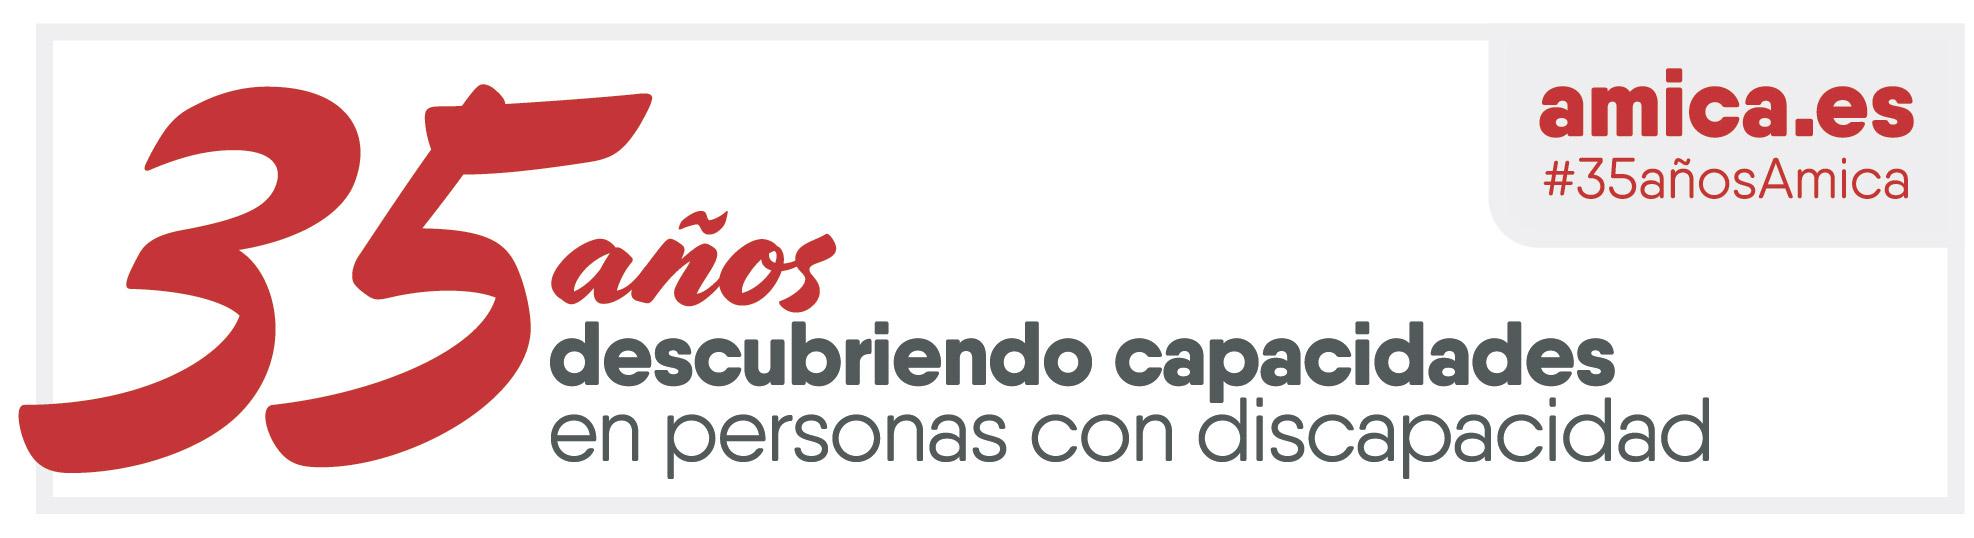 Amica - logo 35 años